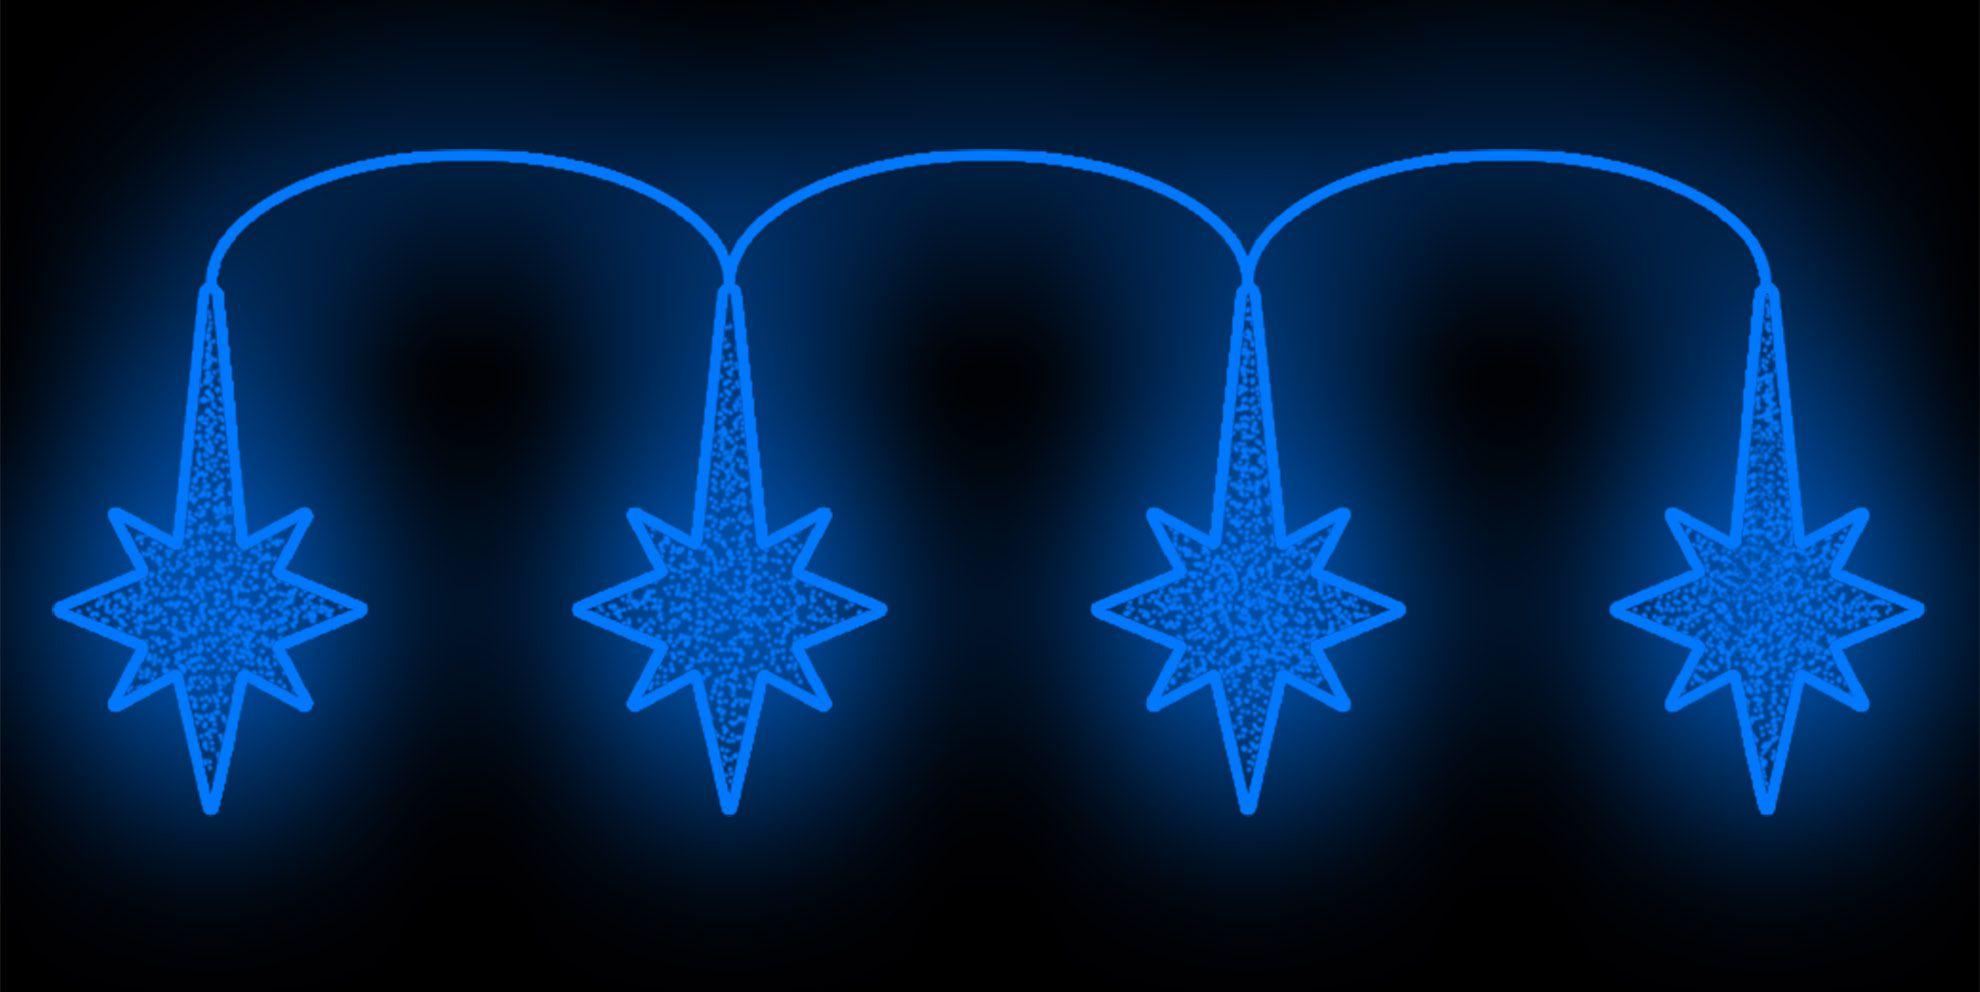 PO-018 - Painel Iluminado Led Estrelas Unidas Sul - (Veja Opções Tamanhos)